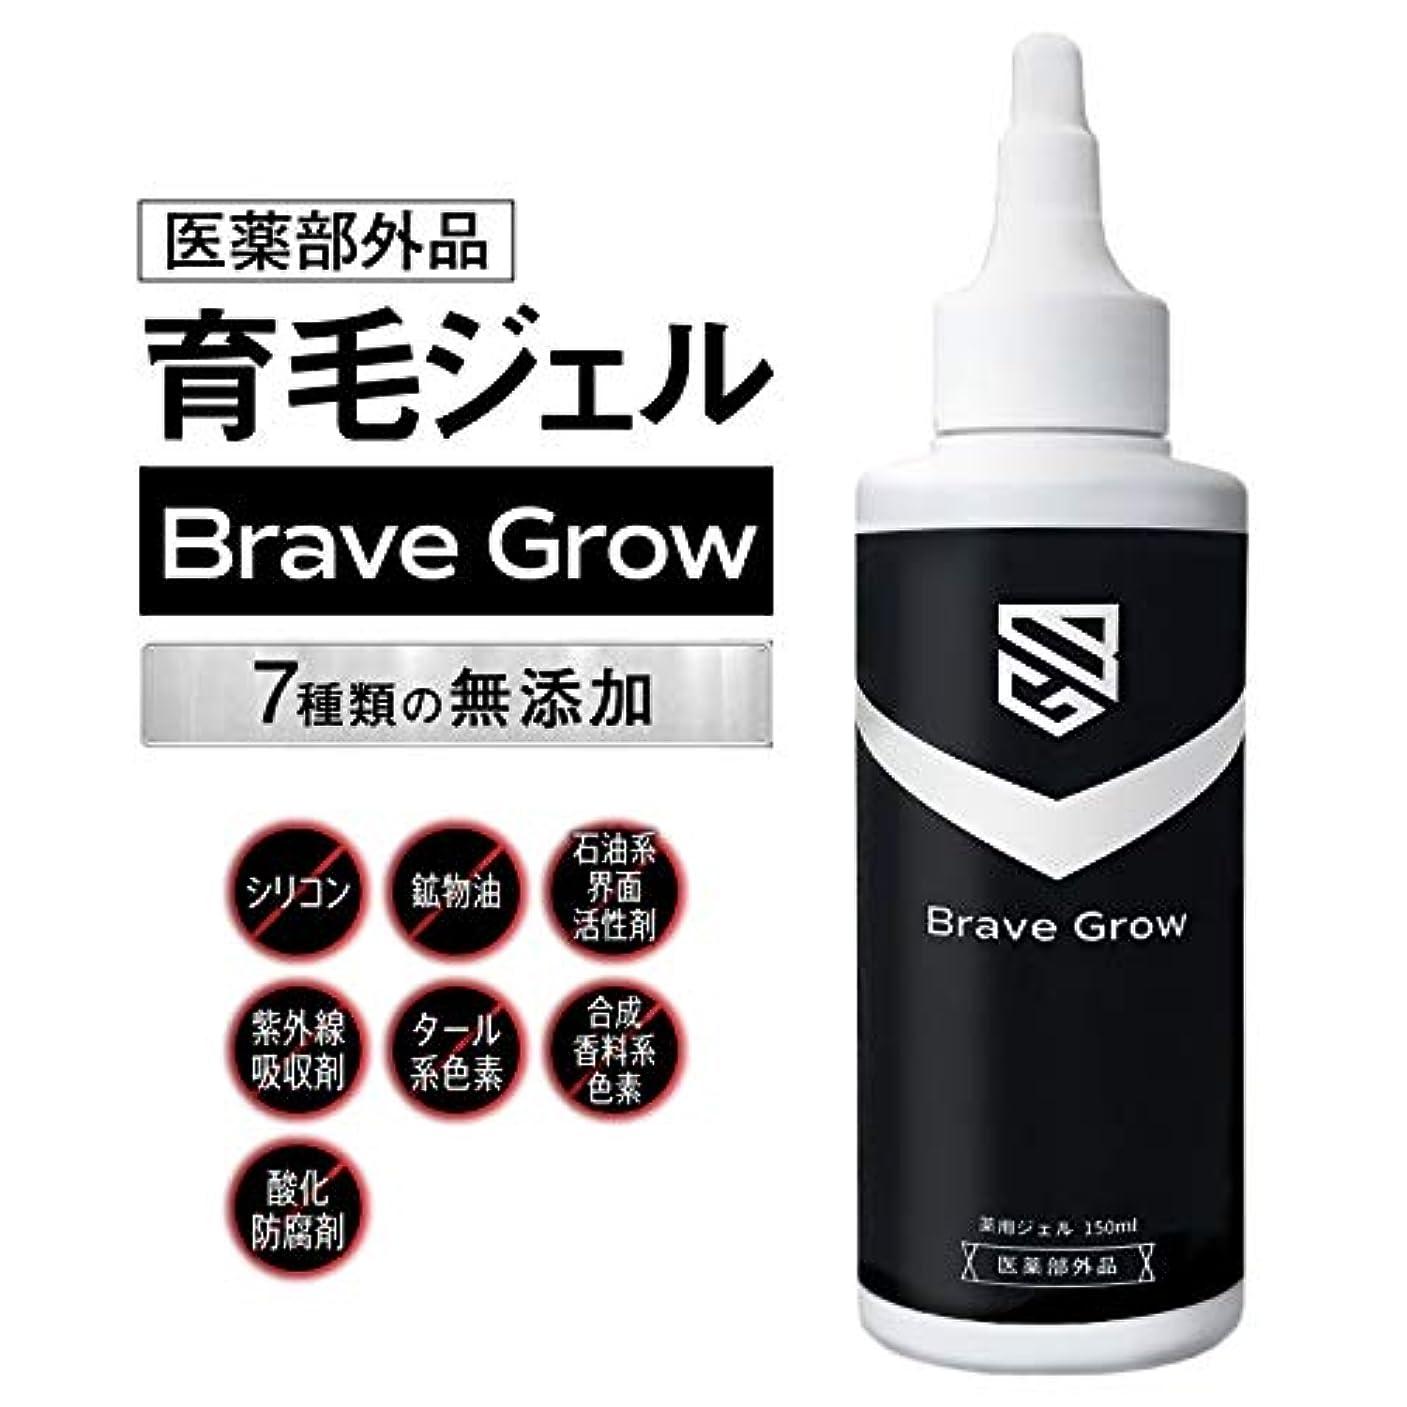 作り上げる意味する望まない育毛剤 BraveGrow ブレイブグロー 150ml 【医薬部外品】ジェルタイプ 男性